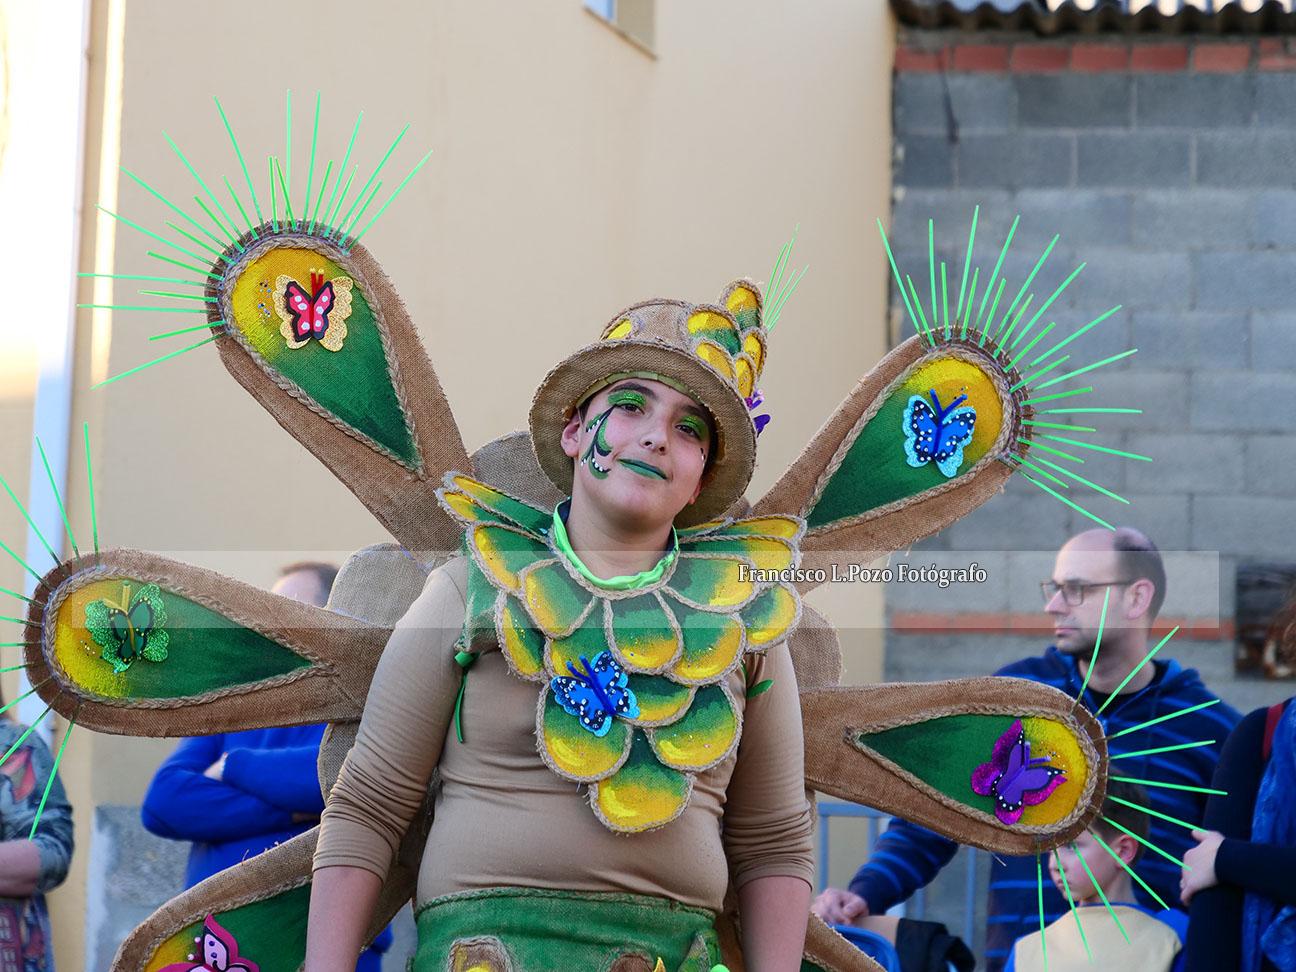 Carnaval 2020: Camponaraya sale a la calle a ritmo de comparsa 84